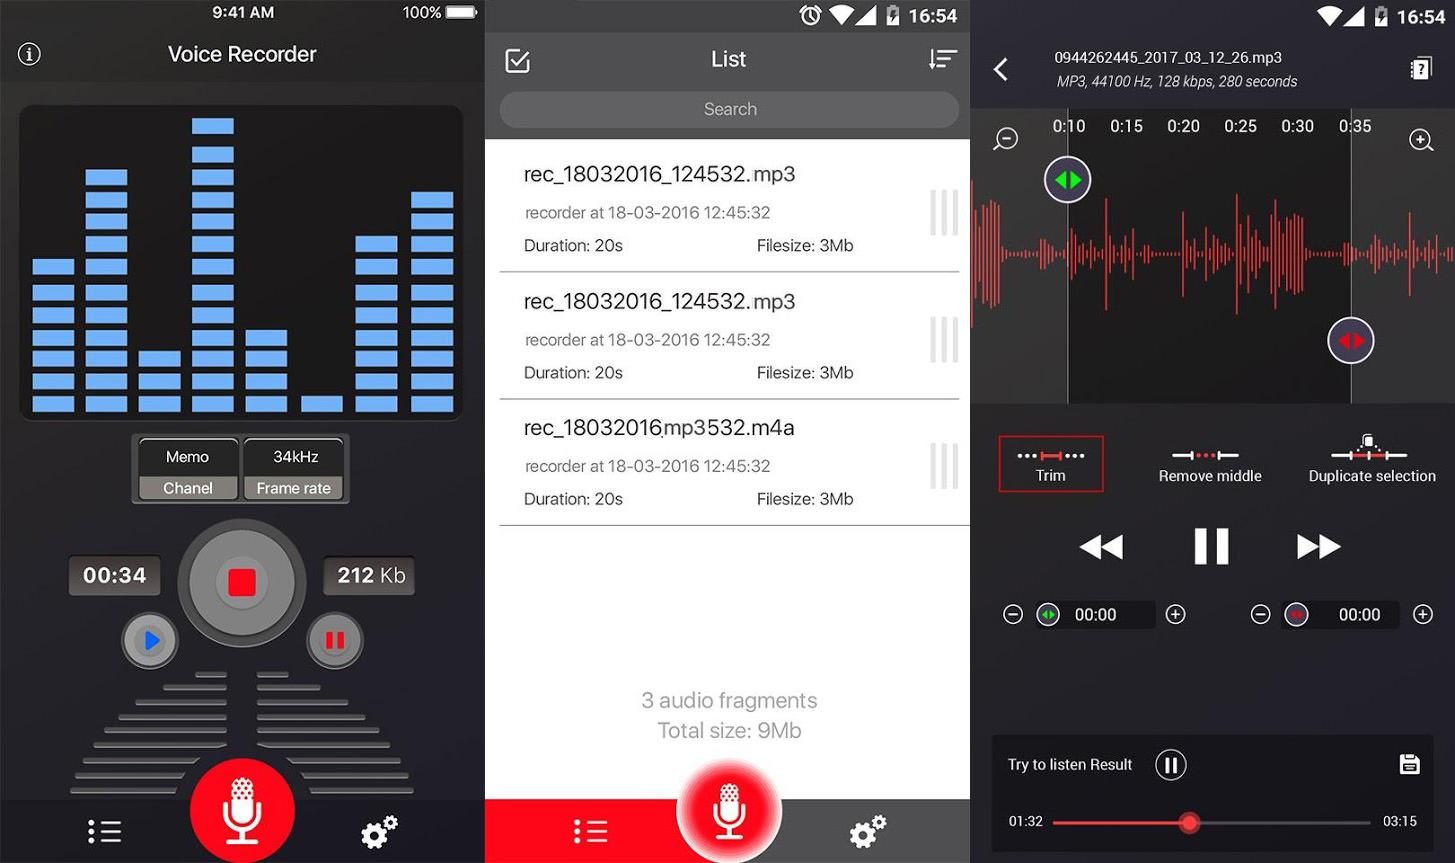 recuperar notas de voz eliminadas en Android